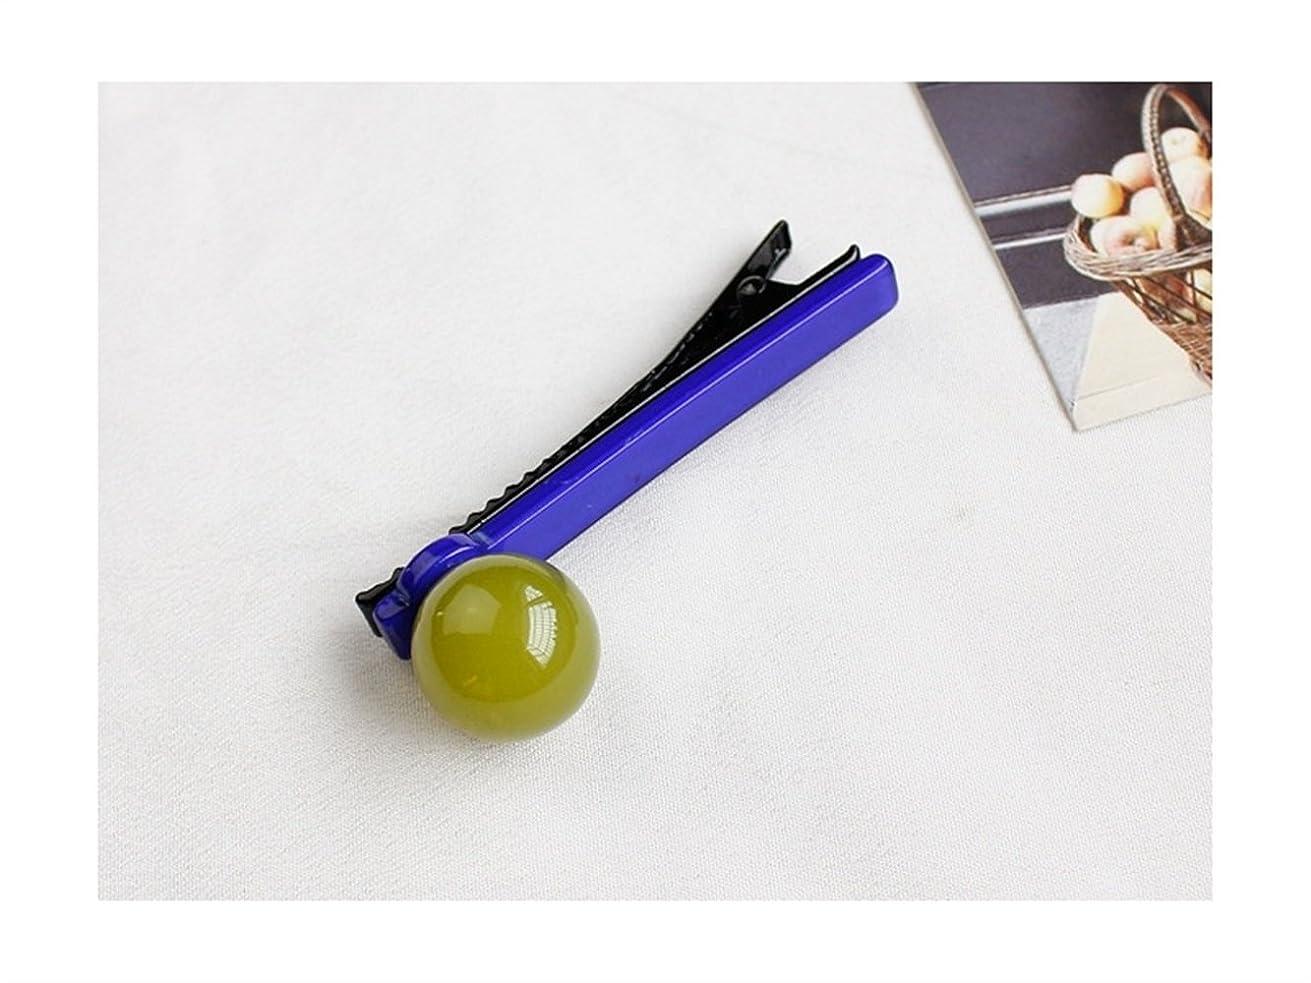 粉砕する埋めるええOsize 美しいスタイル ラウンドボールキャンディーカラーバングヘアピンダックビルクリップサイドクリップ(フルーツグリーン+ロイヤルブルー)